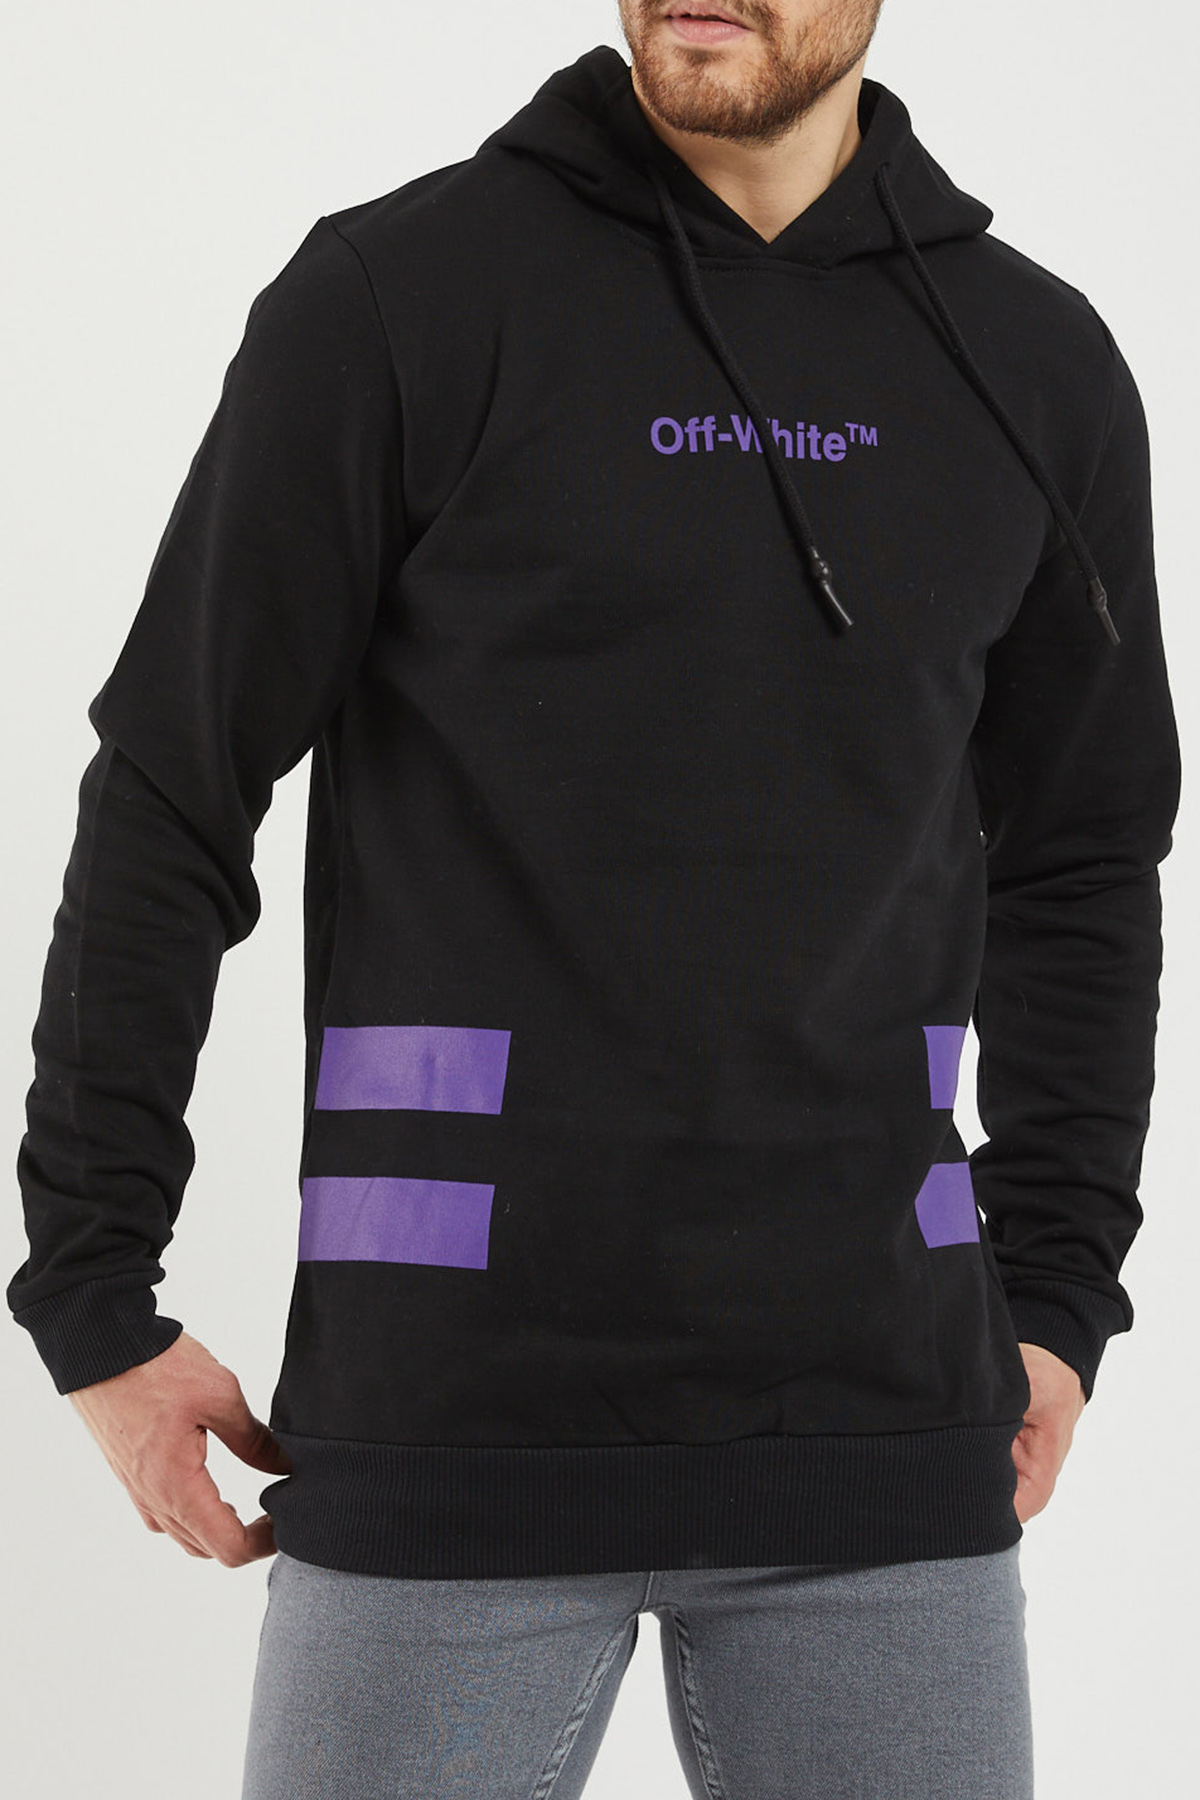 XHAN - Siyah Arkası Baskılı Sweatshirt 1KXE8-44362-02